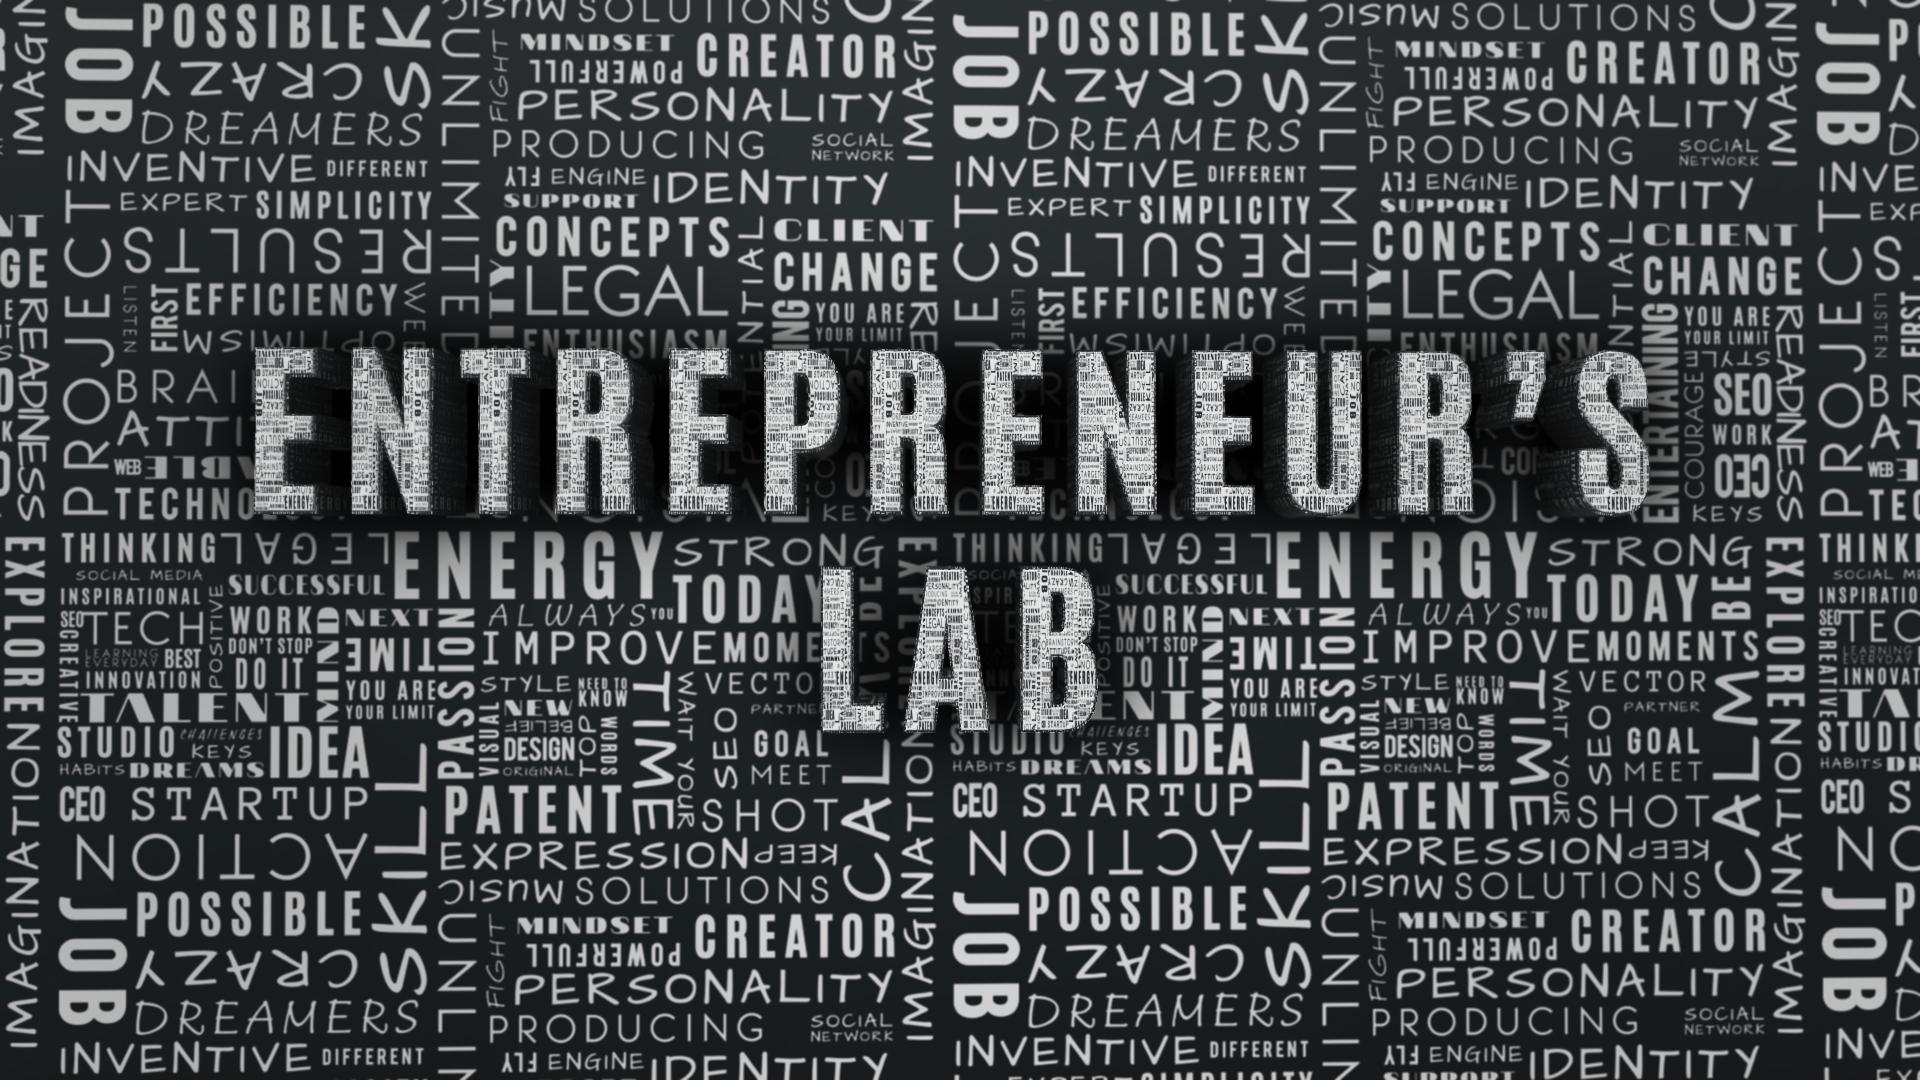 EntrepreneursLab